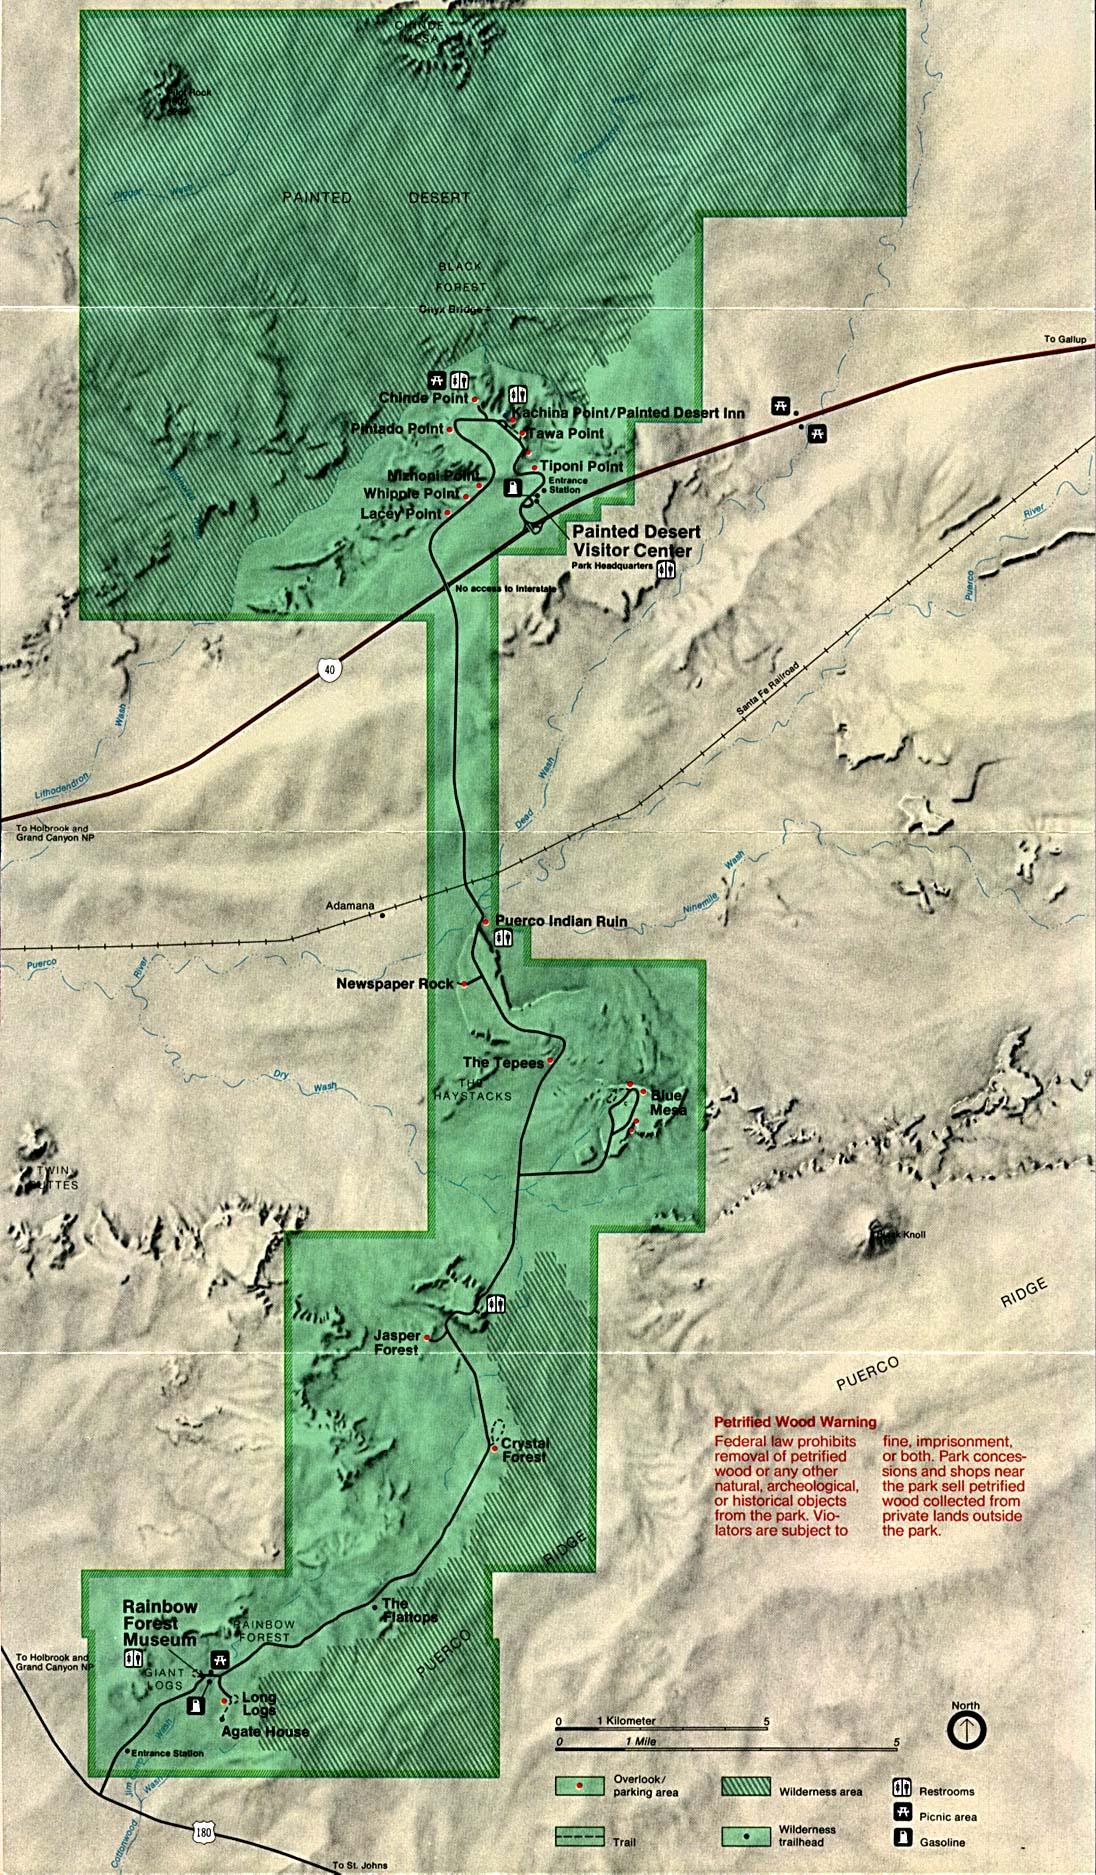 Petrified Forest National Park Map, Arizona, United States